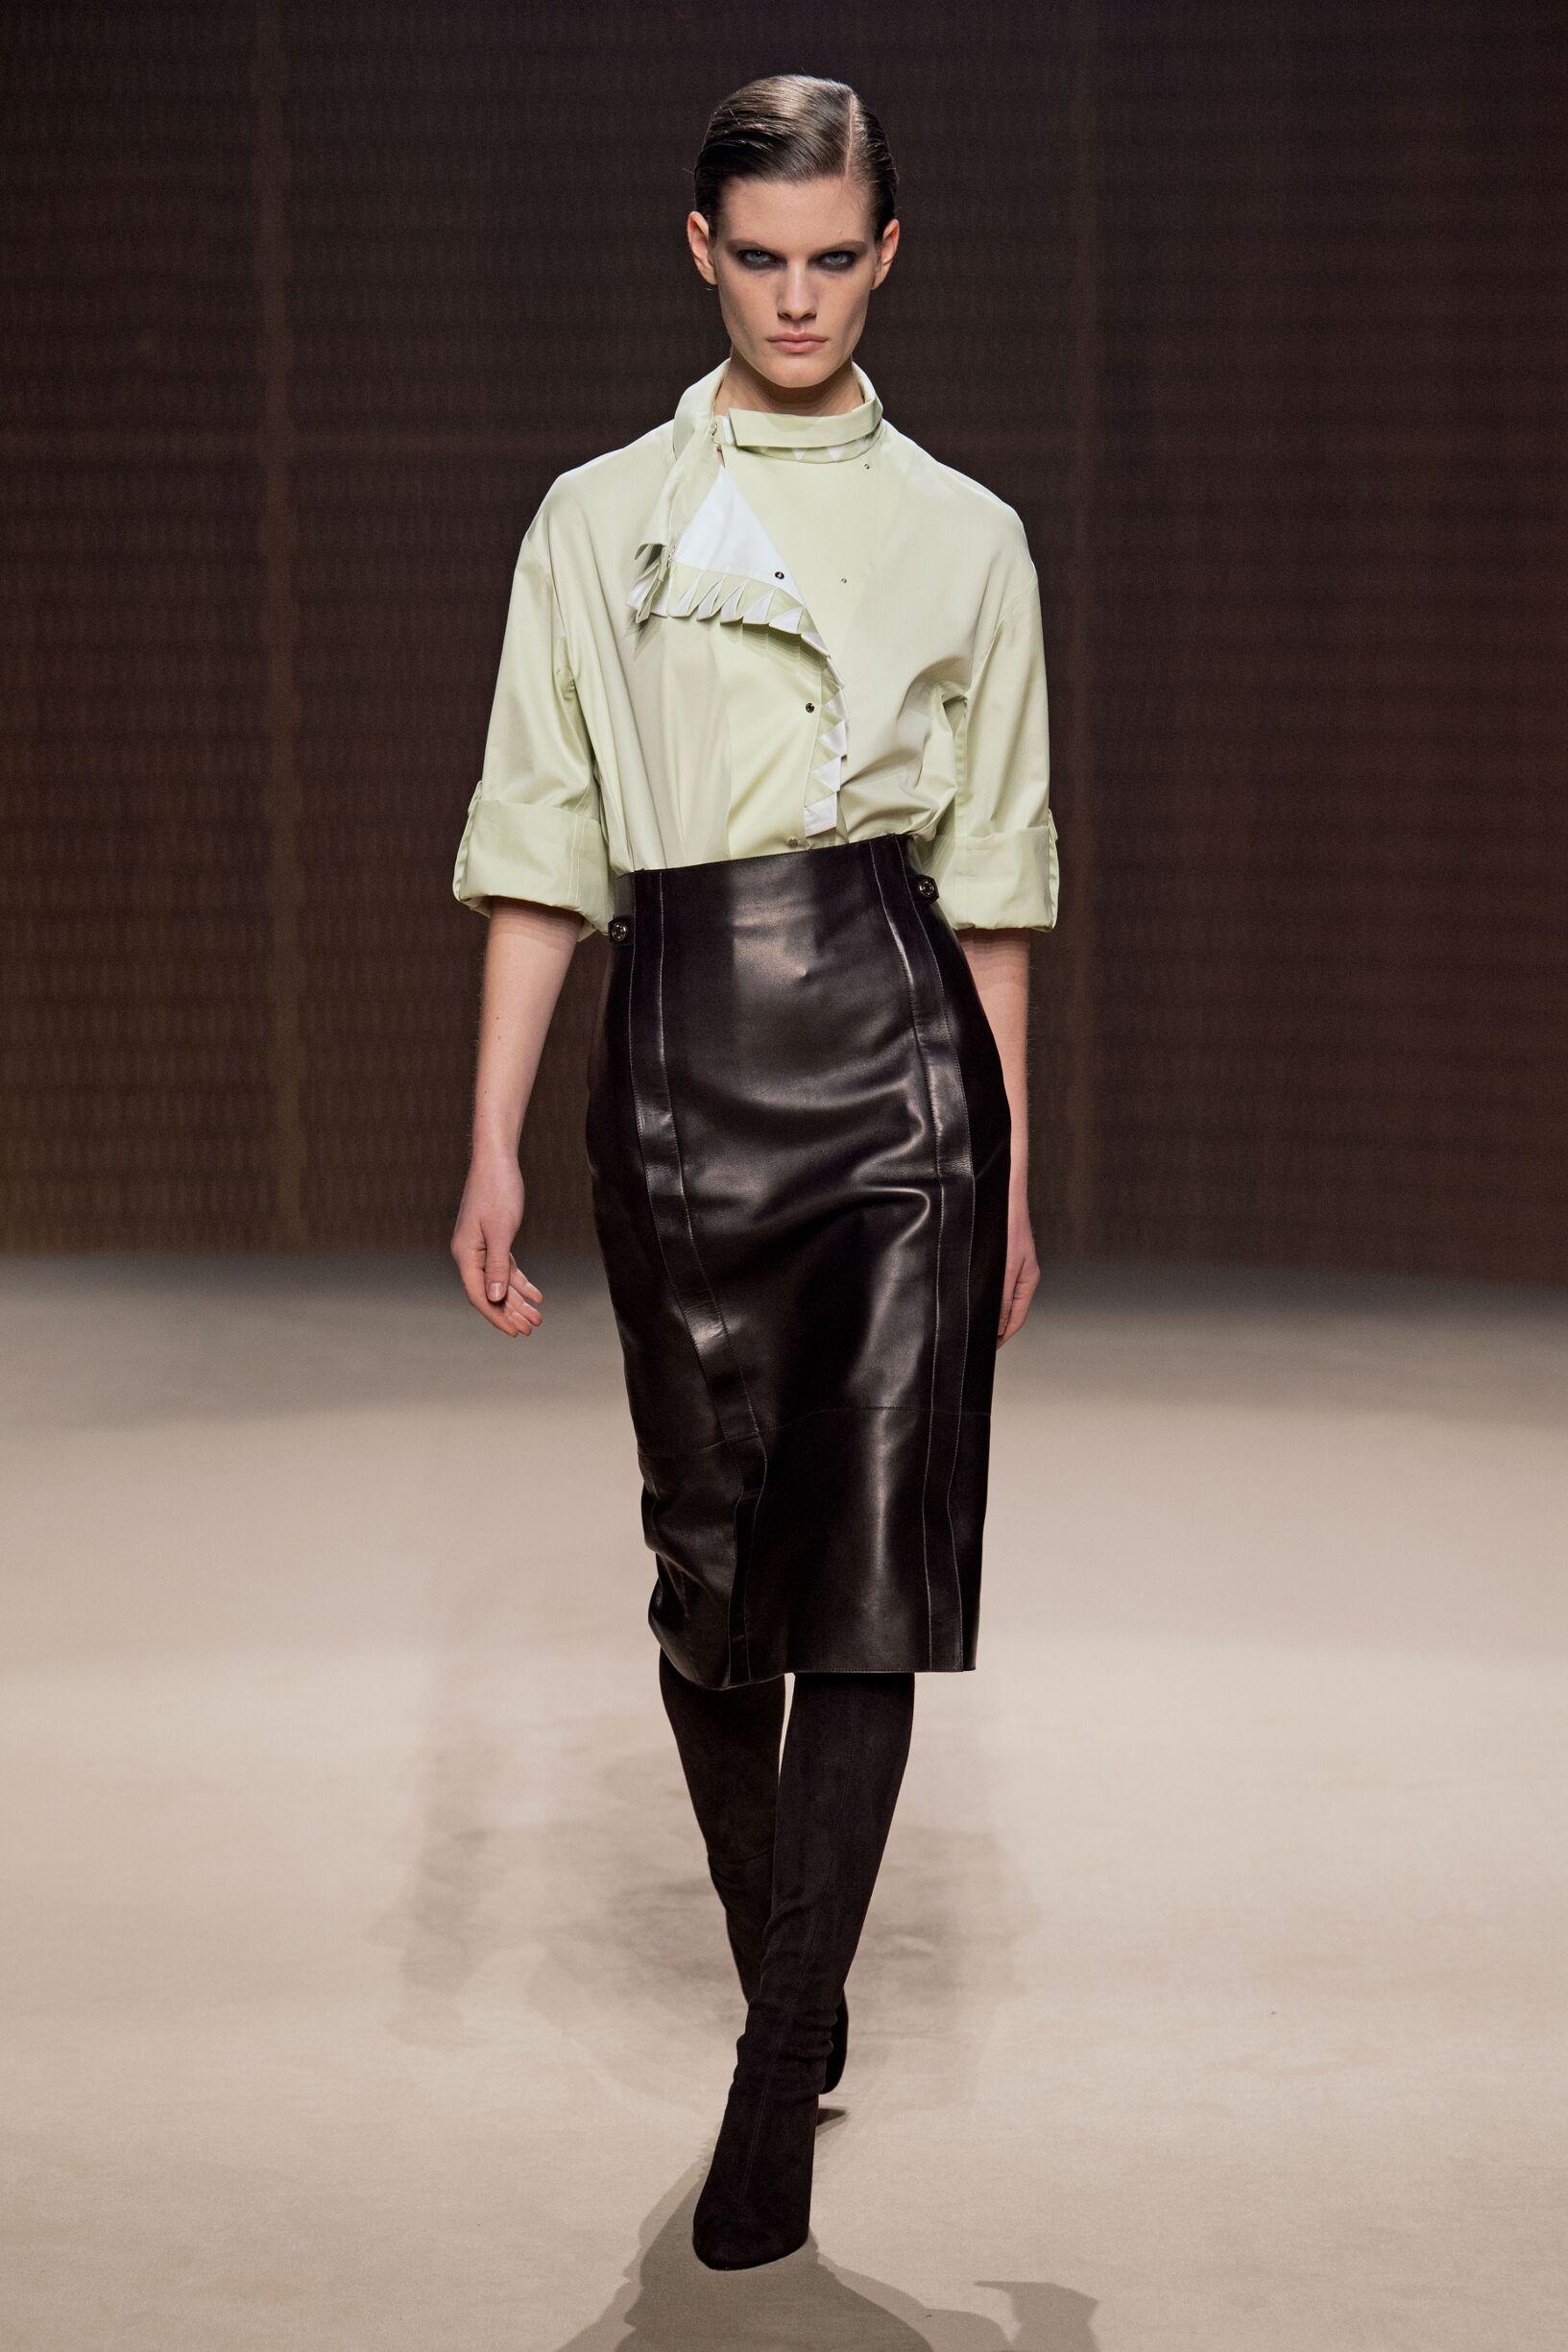 Hermès Woman 2019